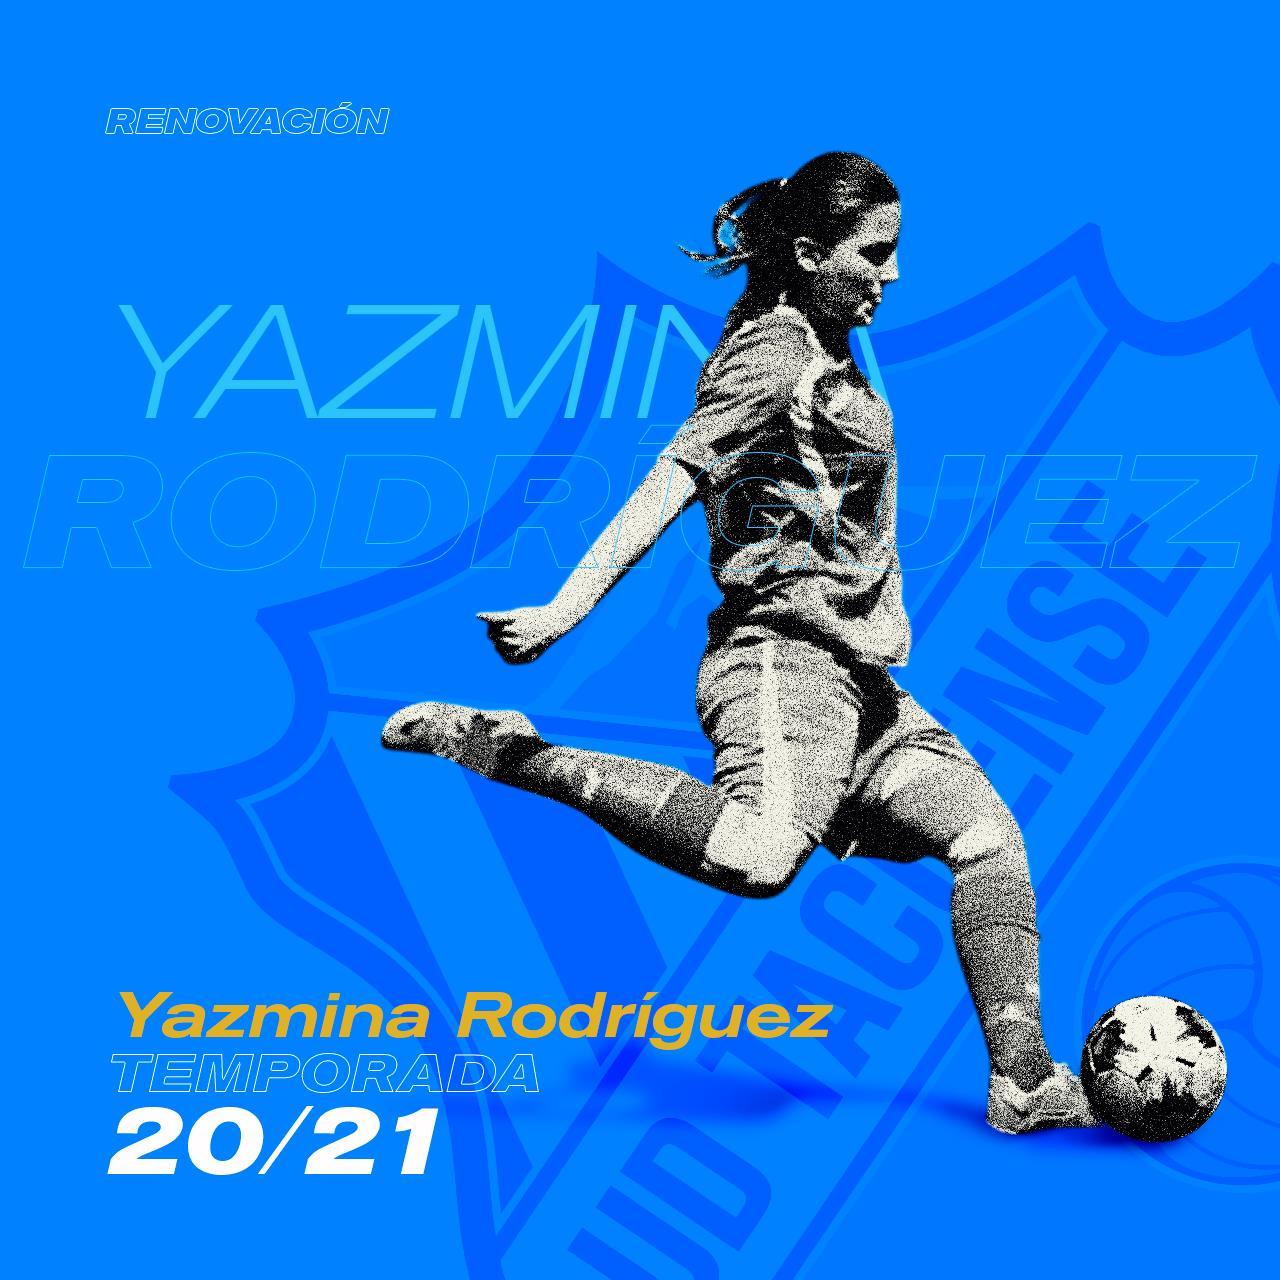 Yazmina Rodríguez renueva su compromiso